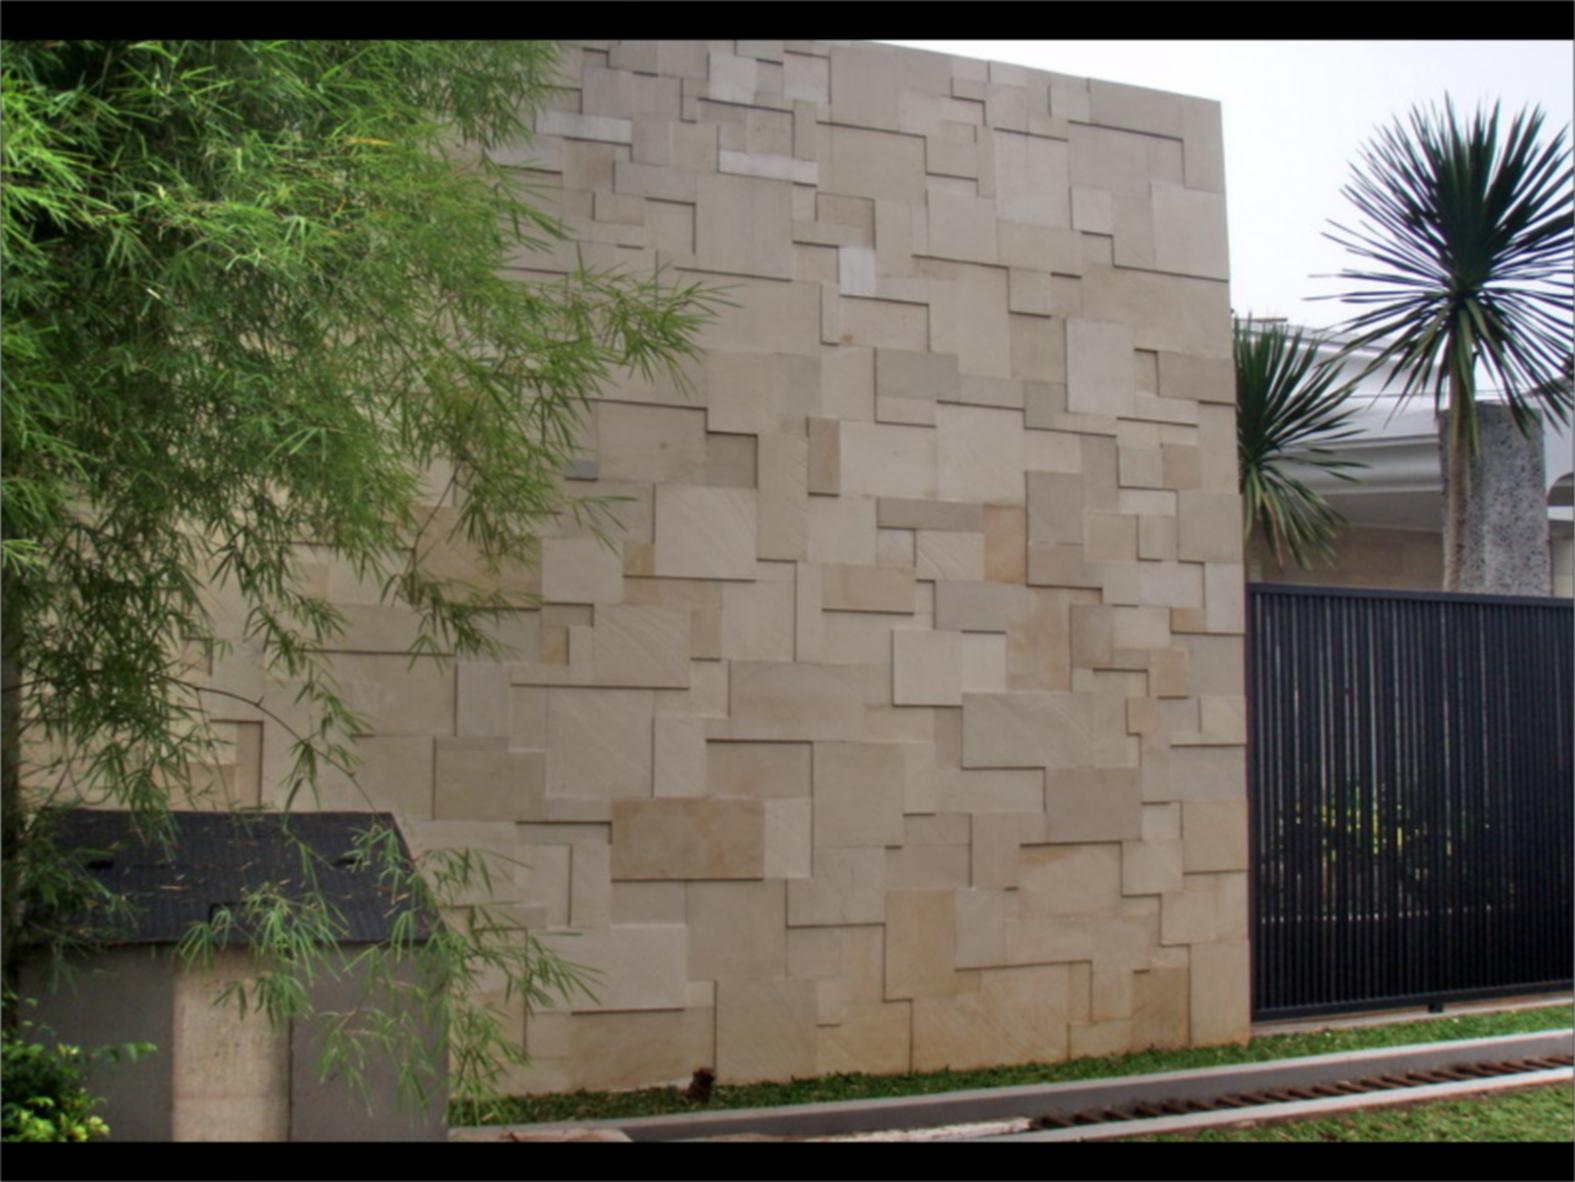 tembok batu alam minimalis: Tembok batu alam minimalis pagar rumah tembok batu alam desain